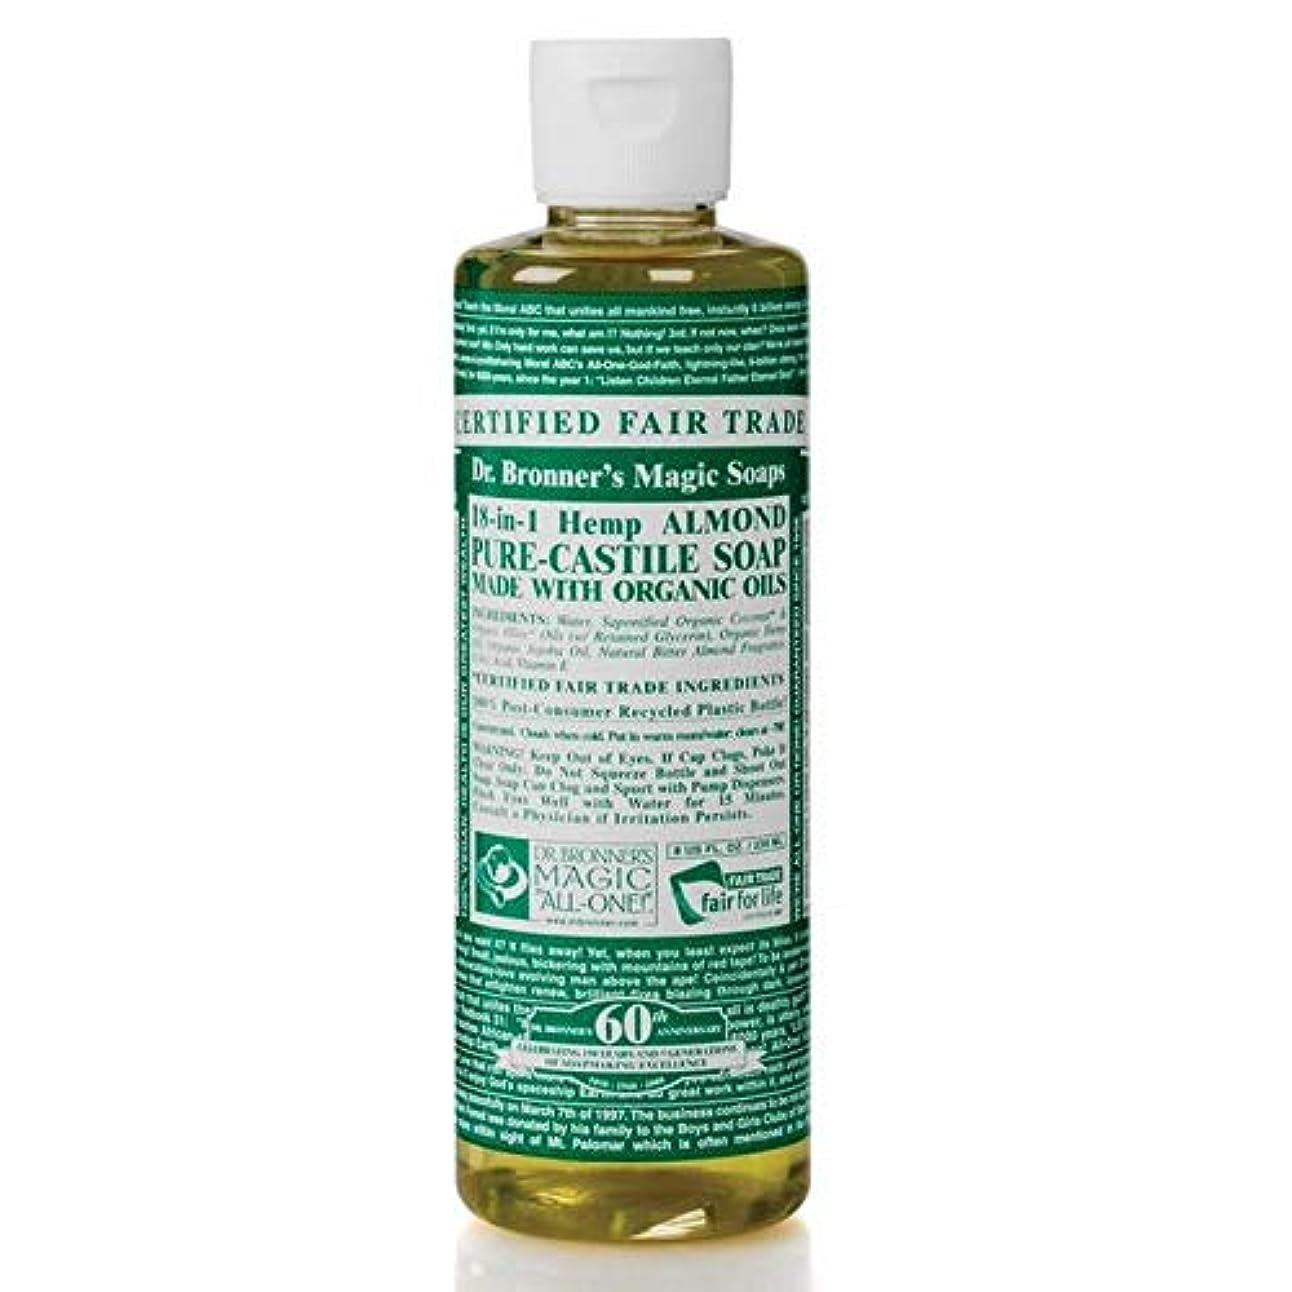 自然公園量調和のとれた[Dr Bronner] Dr。ブロナーズ有機アーモンドカスティーリャ液体石鹸473ミリリットル - Dr. Bronner's Organic Almond Castile Liquid Soap 473ml [並行輸入品]